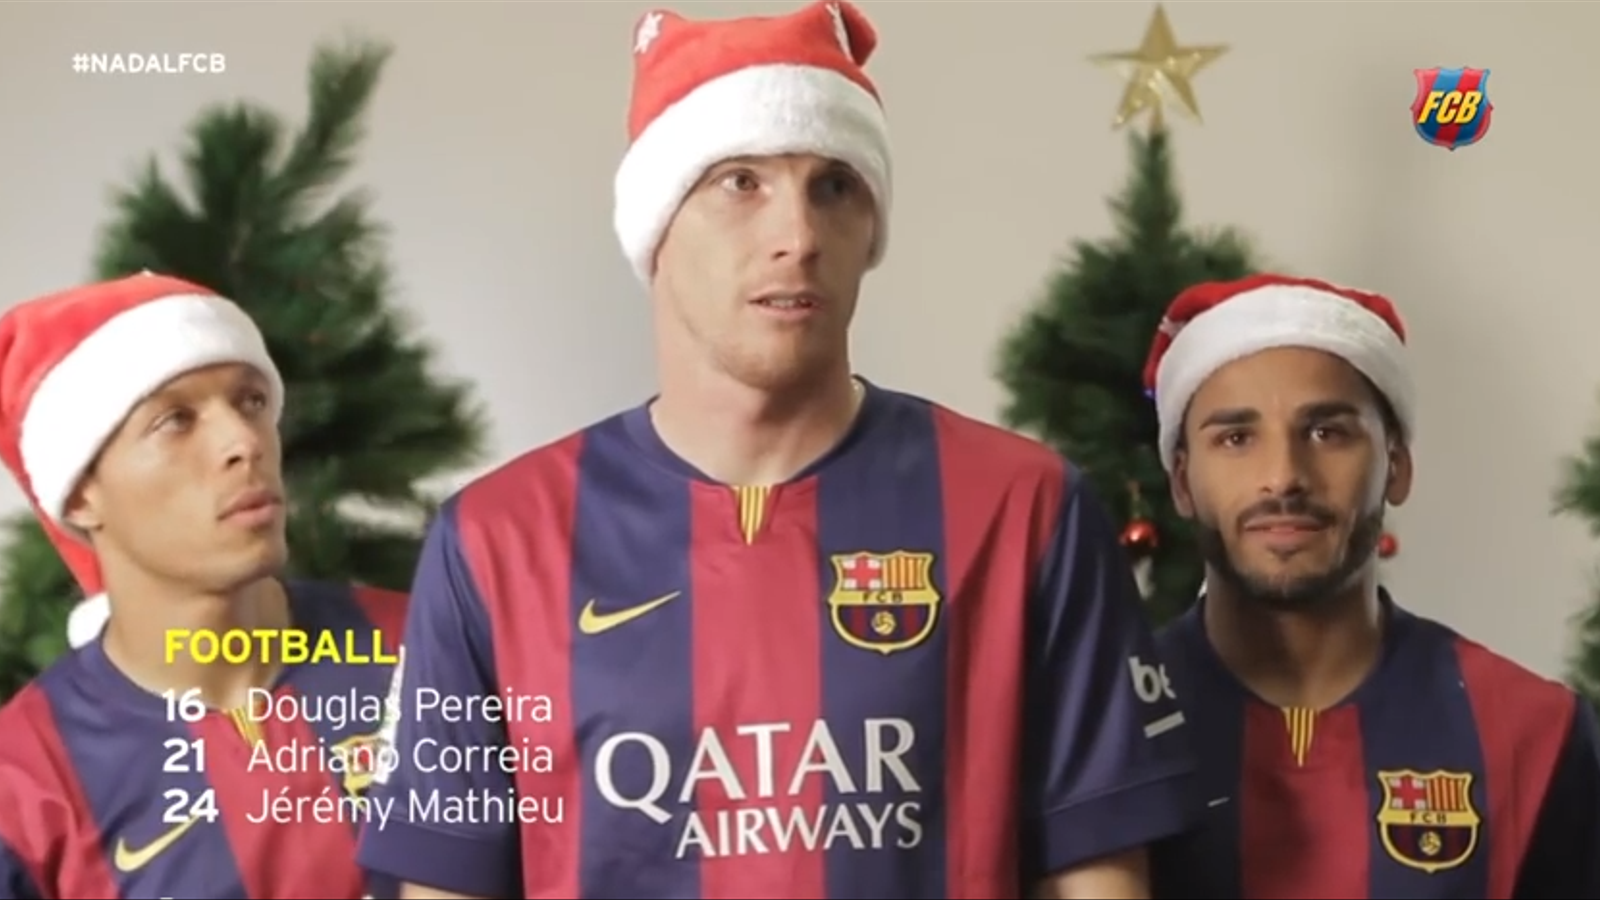 Mathieu, Adriano i Douglas, protagonistes de l'anunci de Nadal del Barça